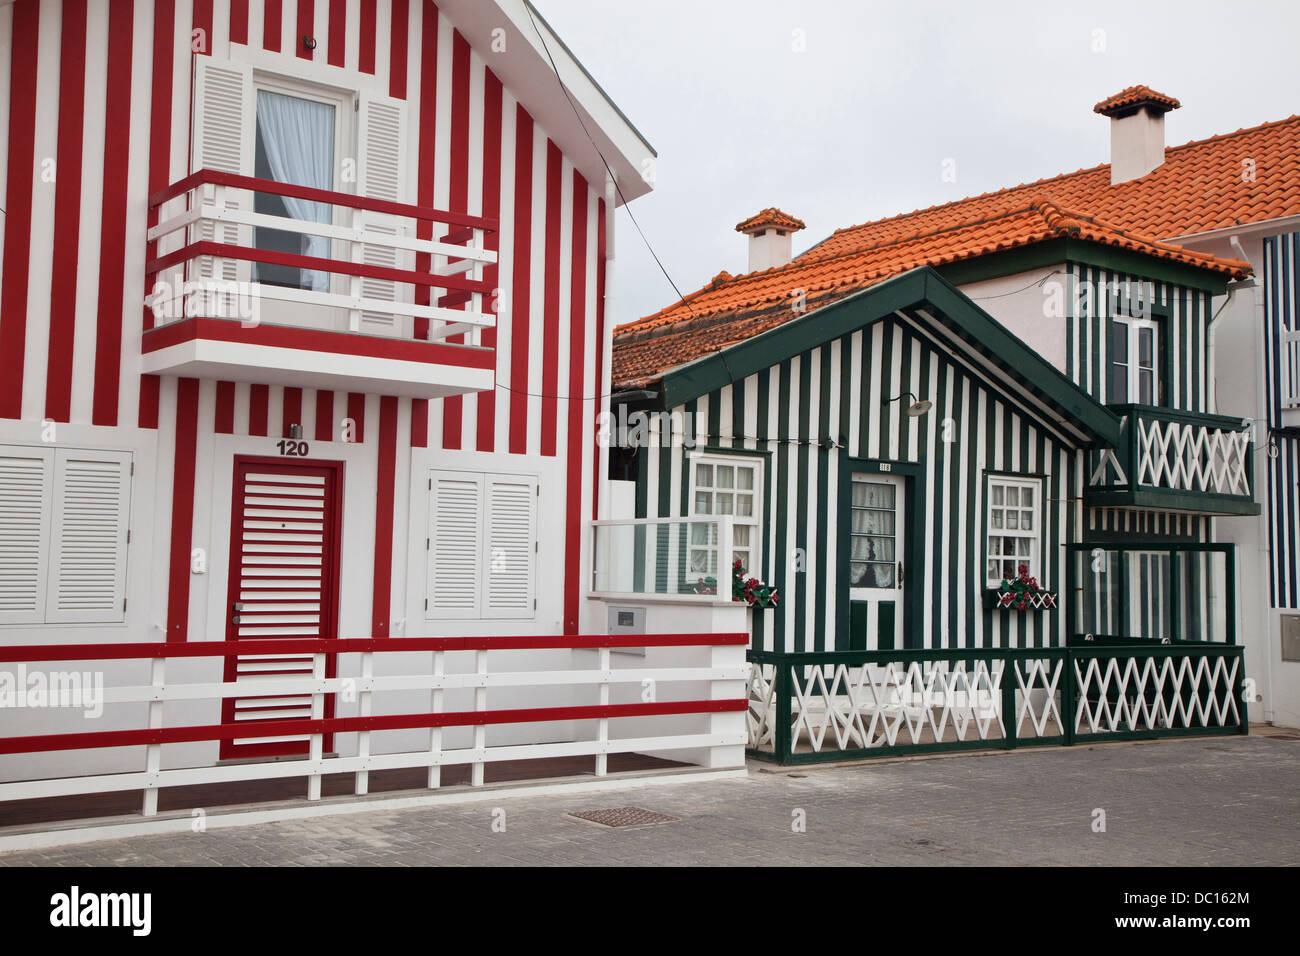 Europe, Portugal, Aveiro, Costa Nova. 'Palheiros' typical colorful houses, Costa Nova, Aveiro. Stock Photo